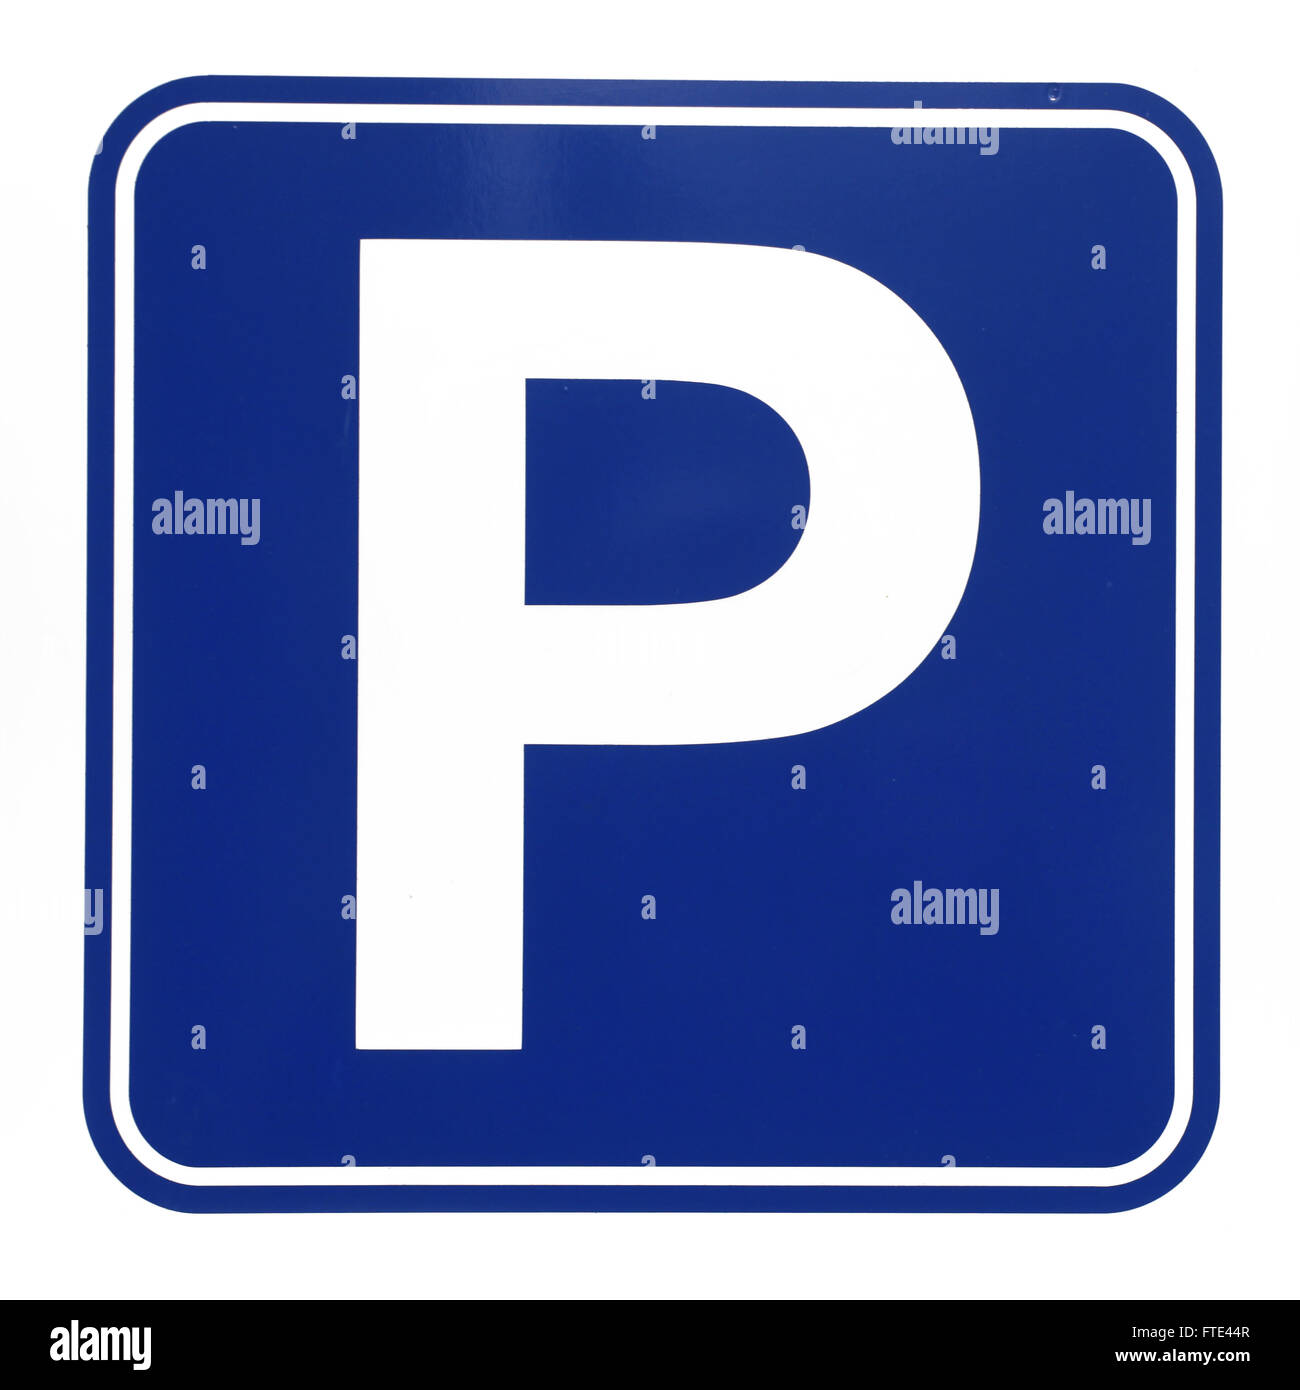 Parkplatz Schild Abbildung auf weißem Hintergrund Stockbild